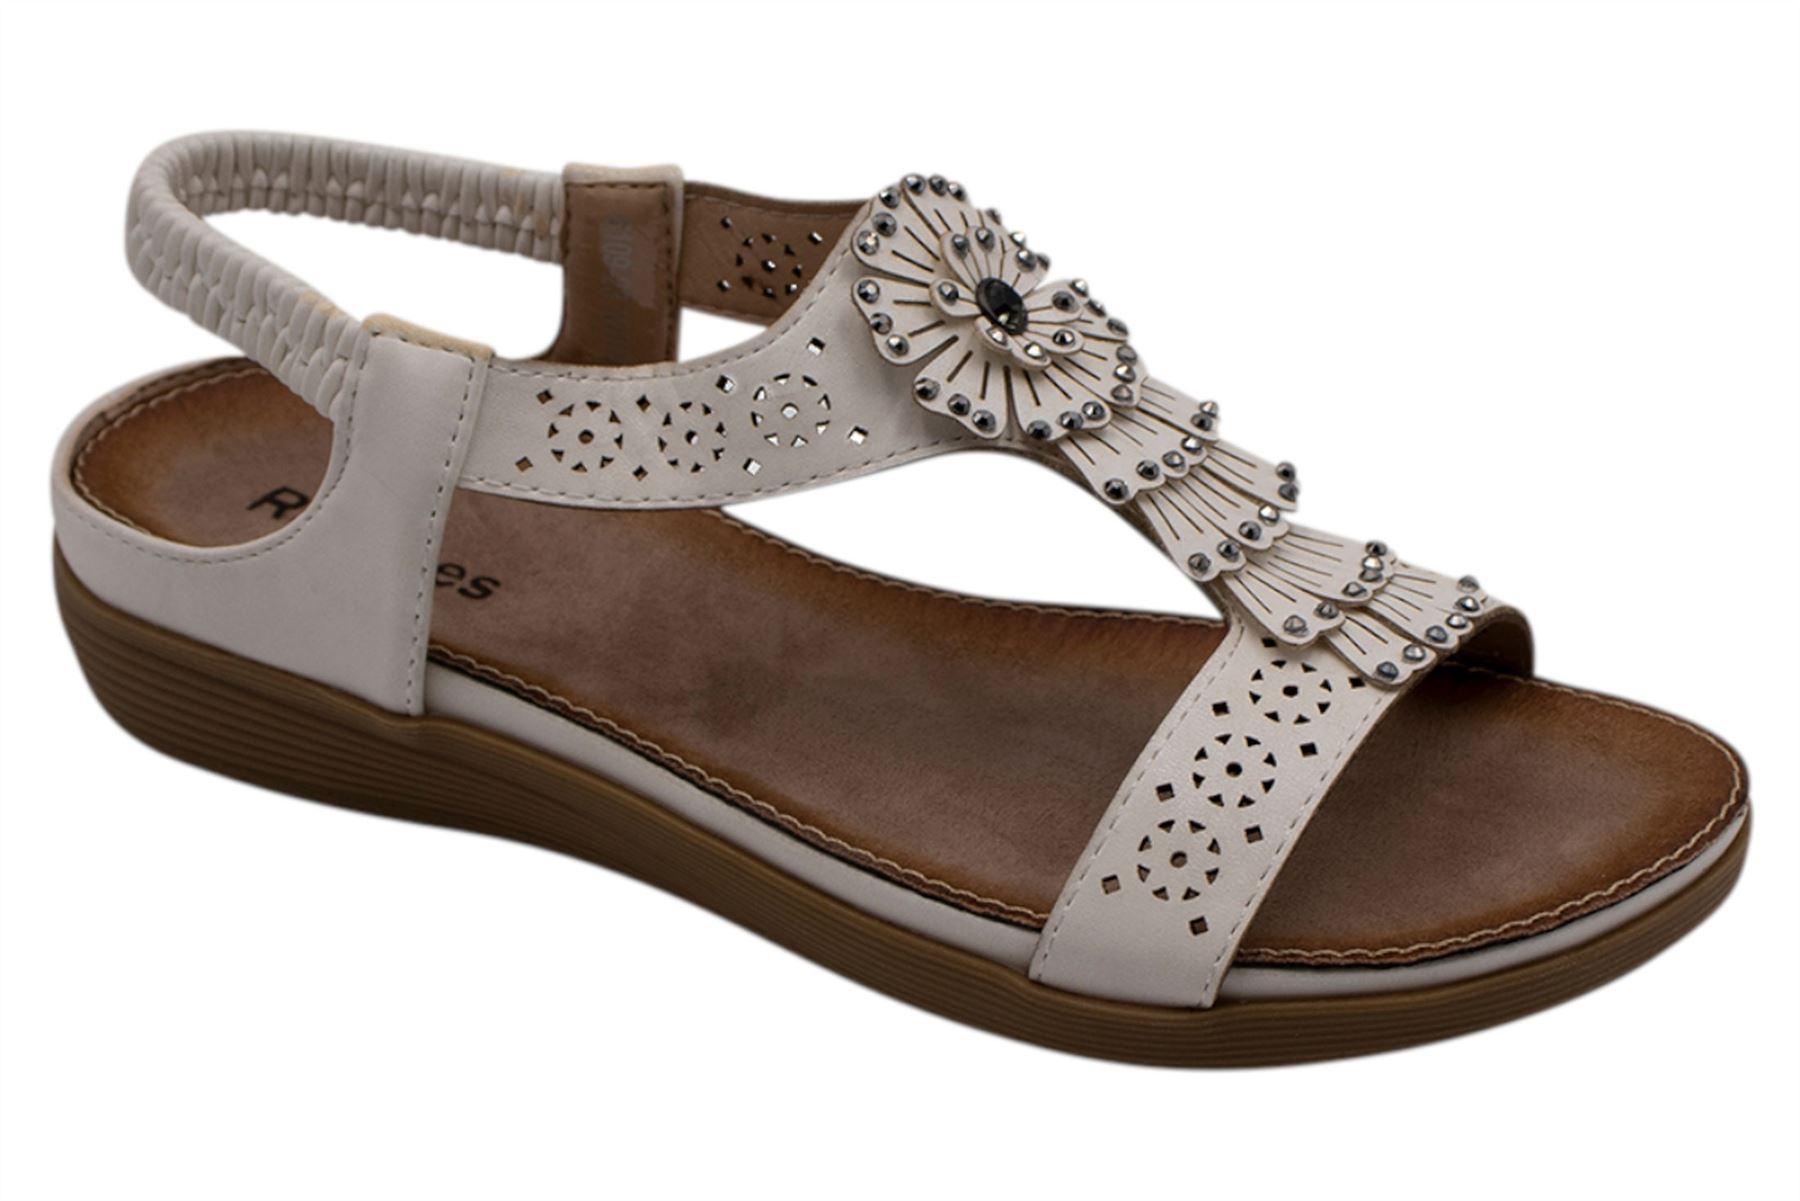 Ladies-Sandals-Womens-Shiny-Flat-Flip-Flop-Beach-Sliders miniatura 38